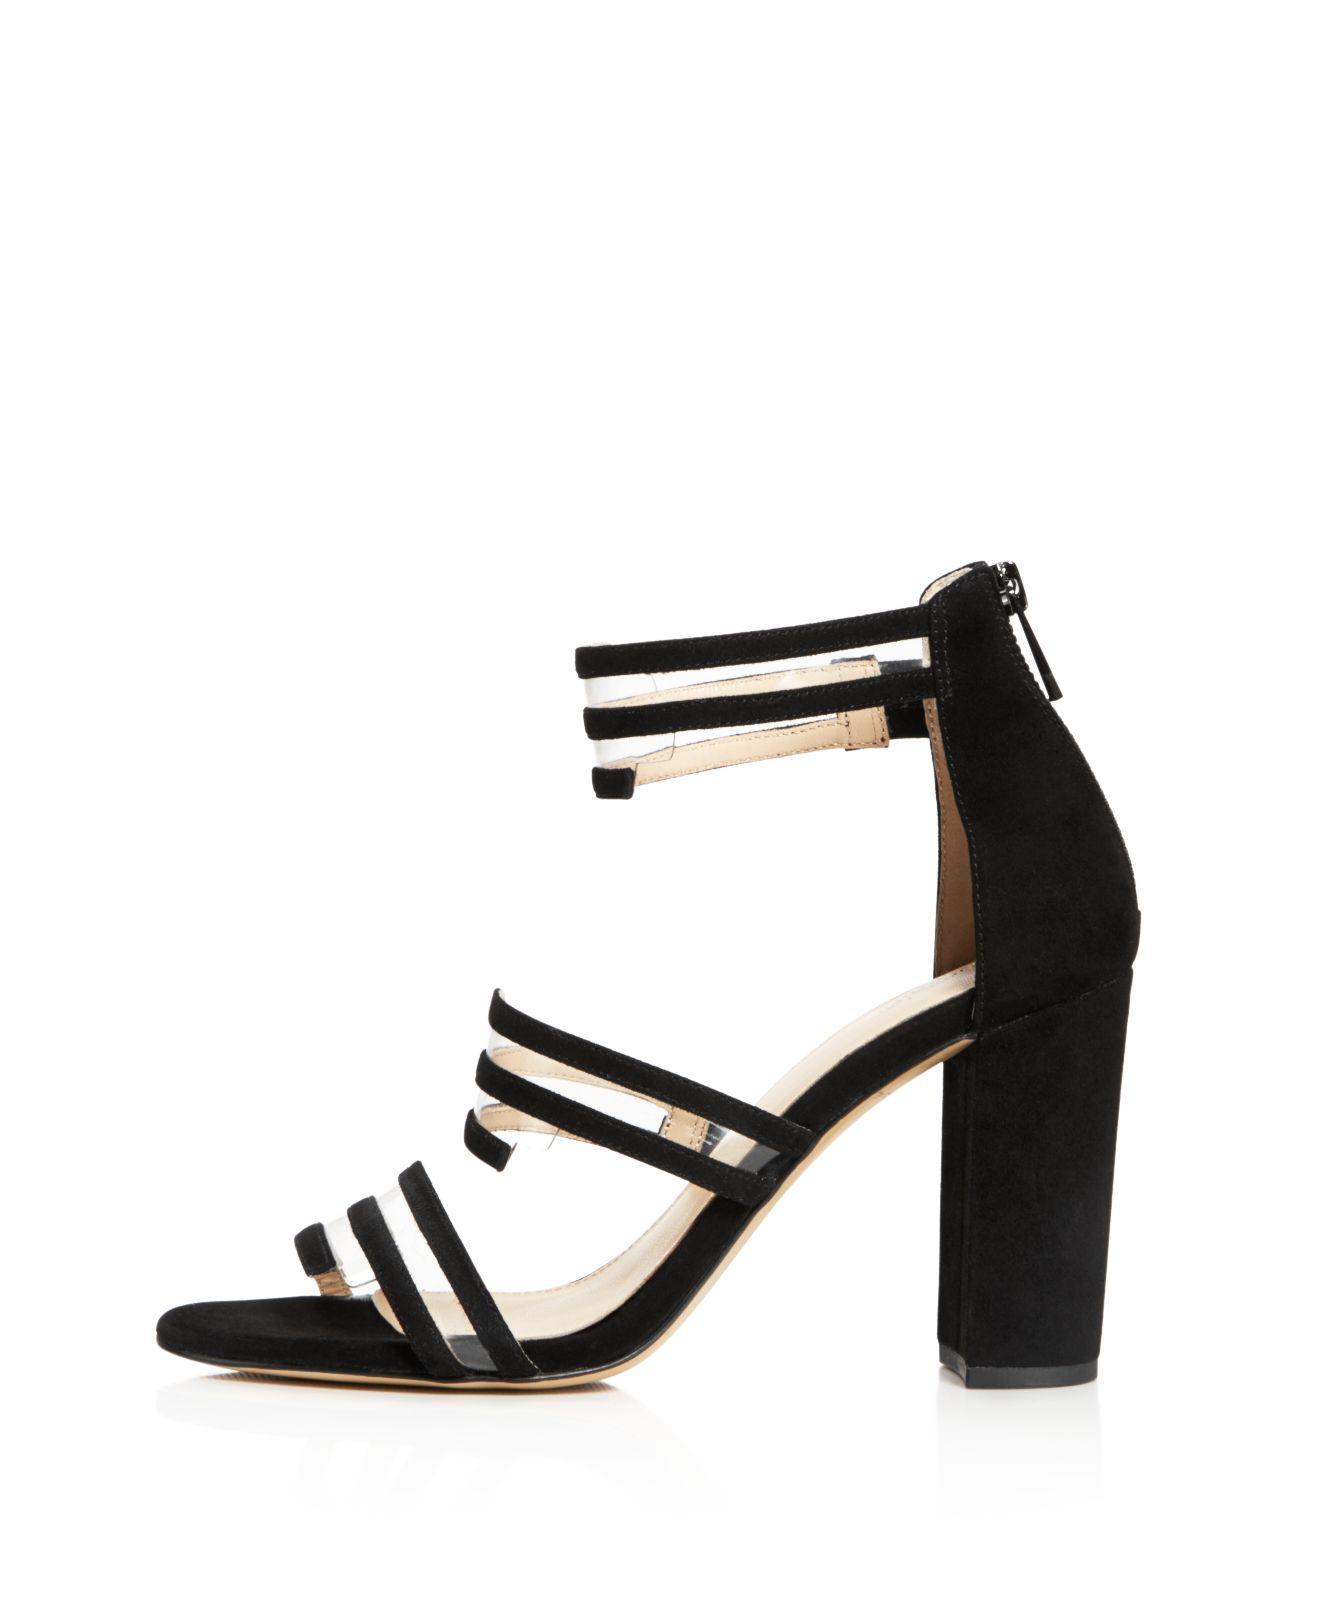 Botkier Women's Grecia Suede Illusion Strap High-Heel Sandals 9vEyoPkXmt